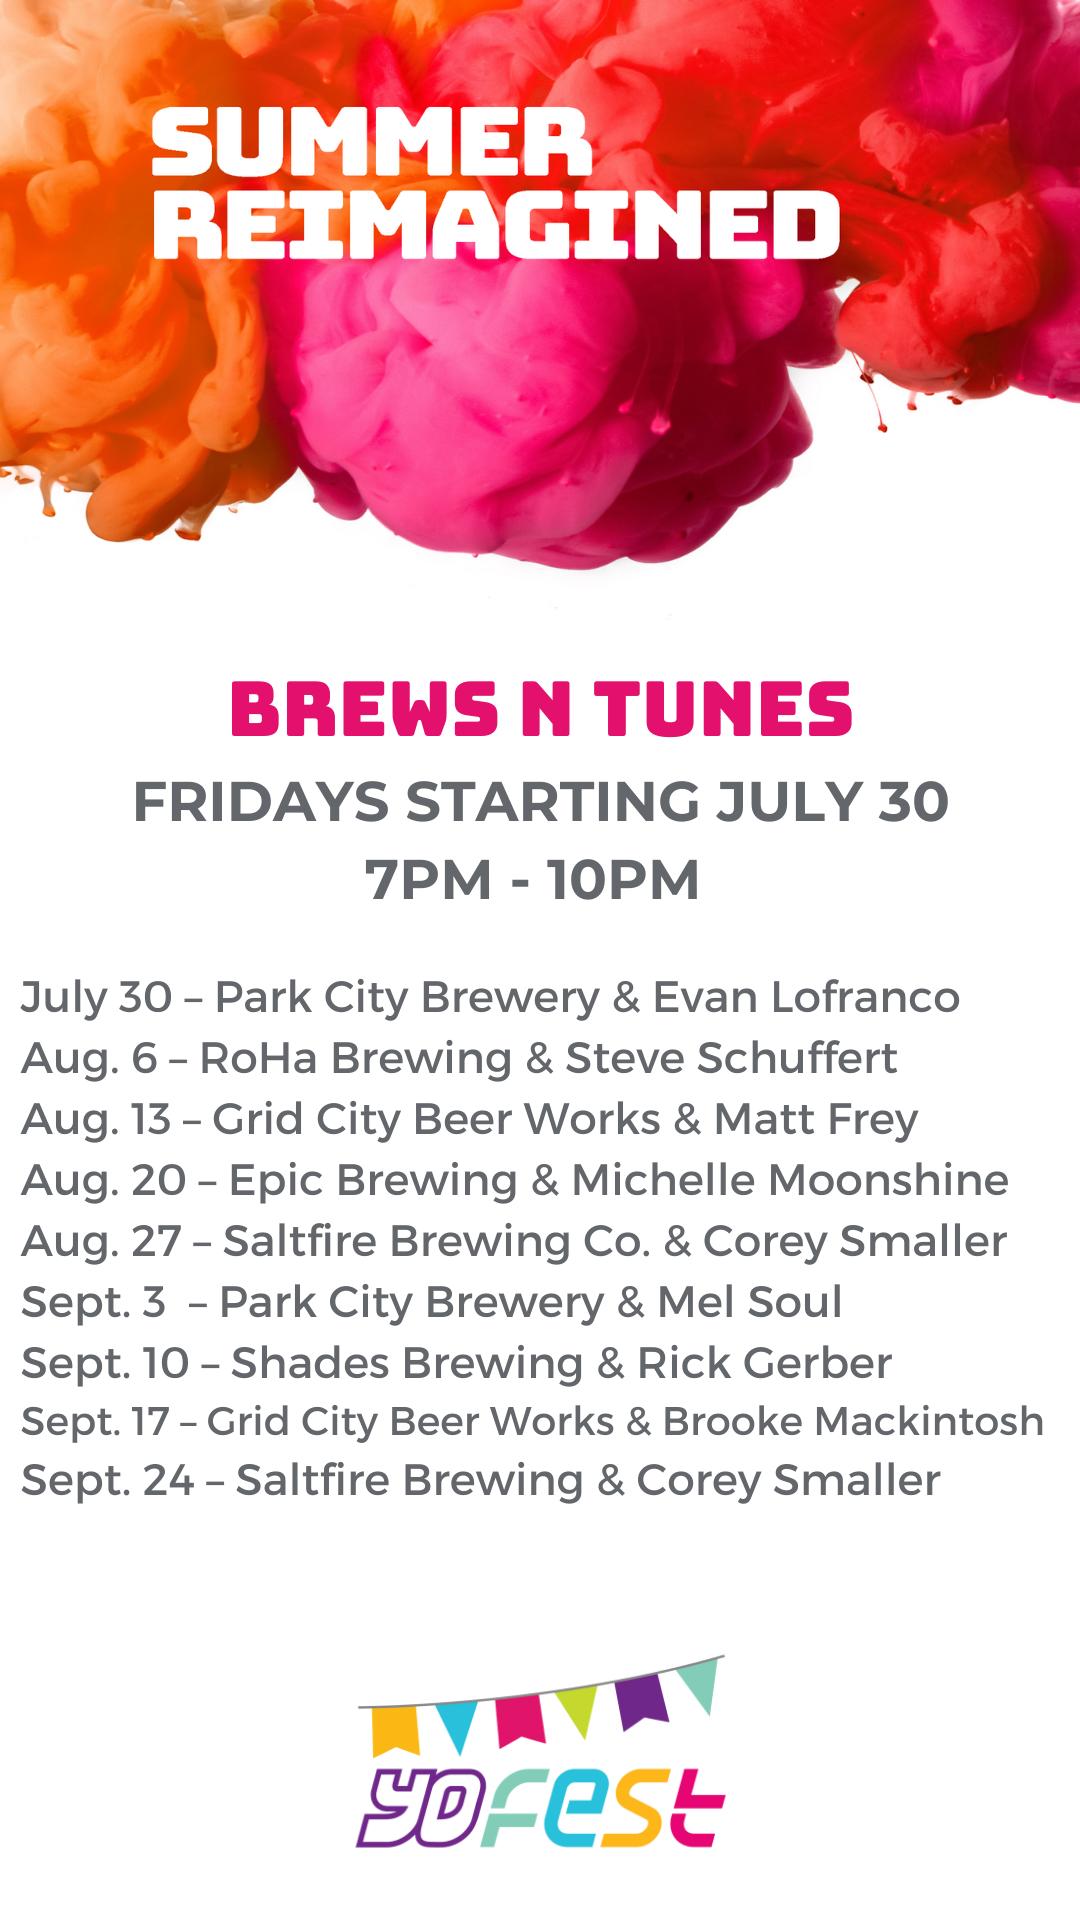 Brews N Tunes schedule